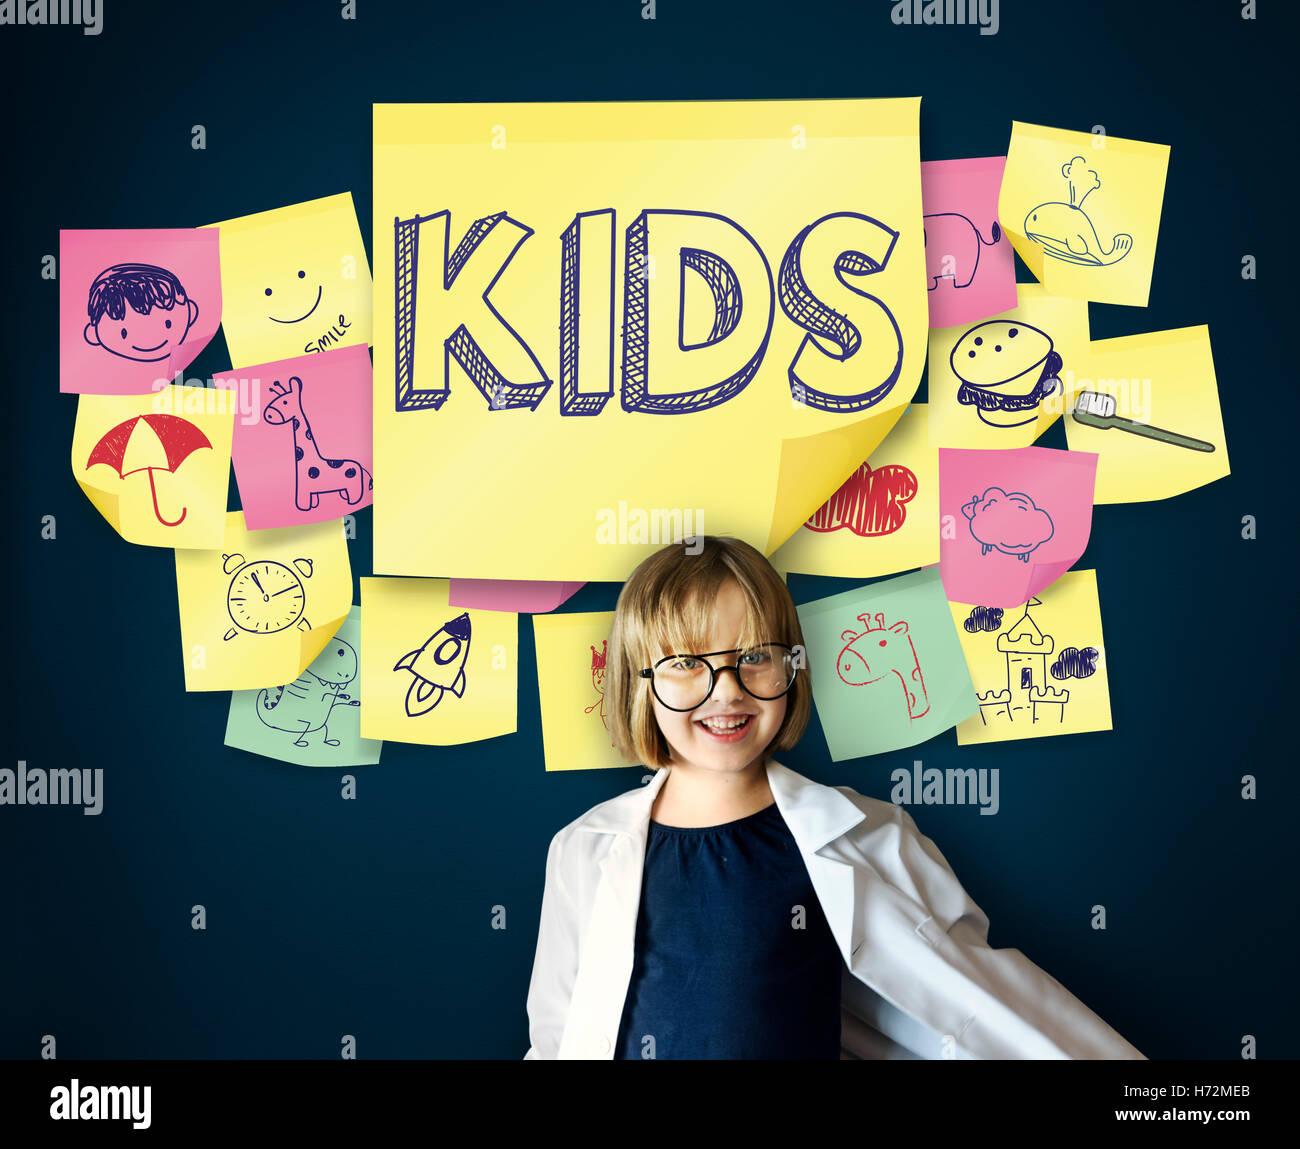 Bambini giocoso felicità godimento infanzia Concept Immagini Stock